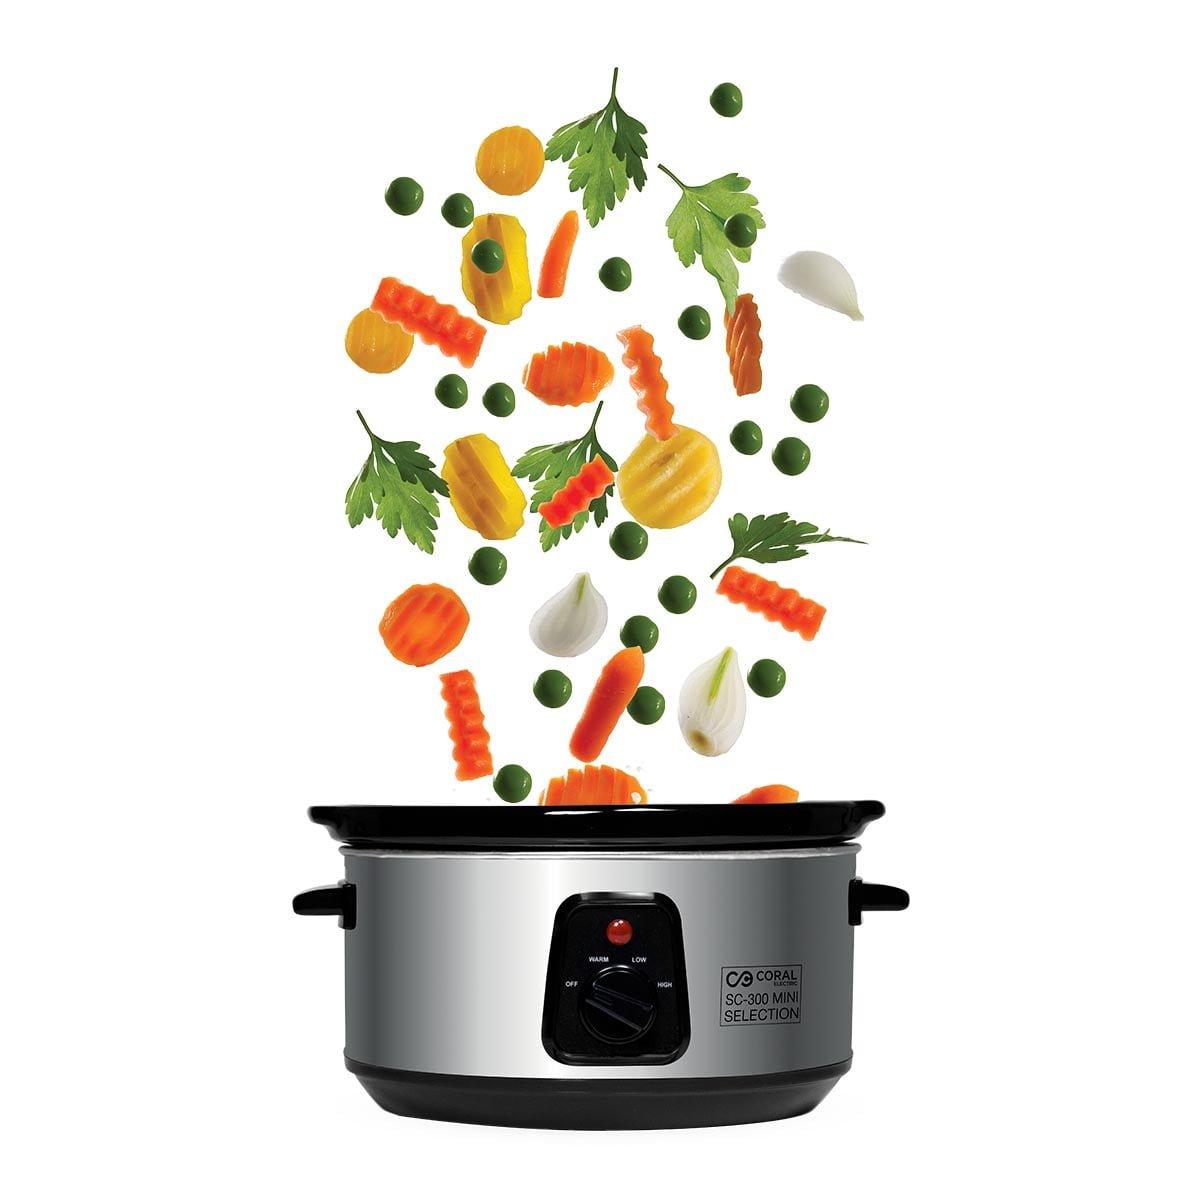 Aparat za sporo kuvanje 3,5 l - Mini Krčko SC-300 Selection sa povrćem